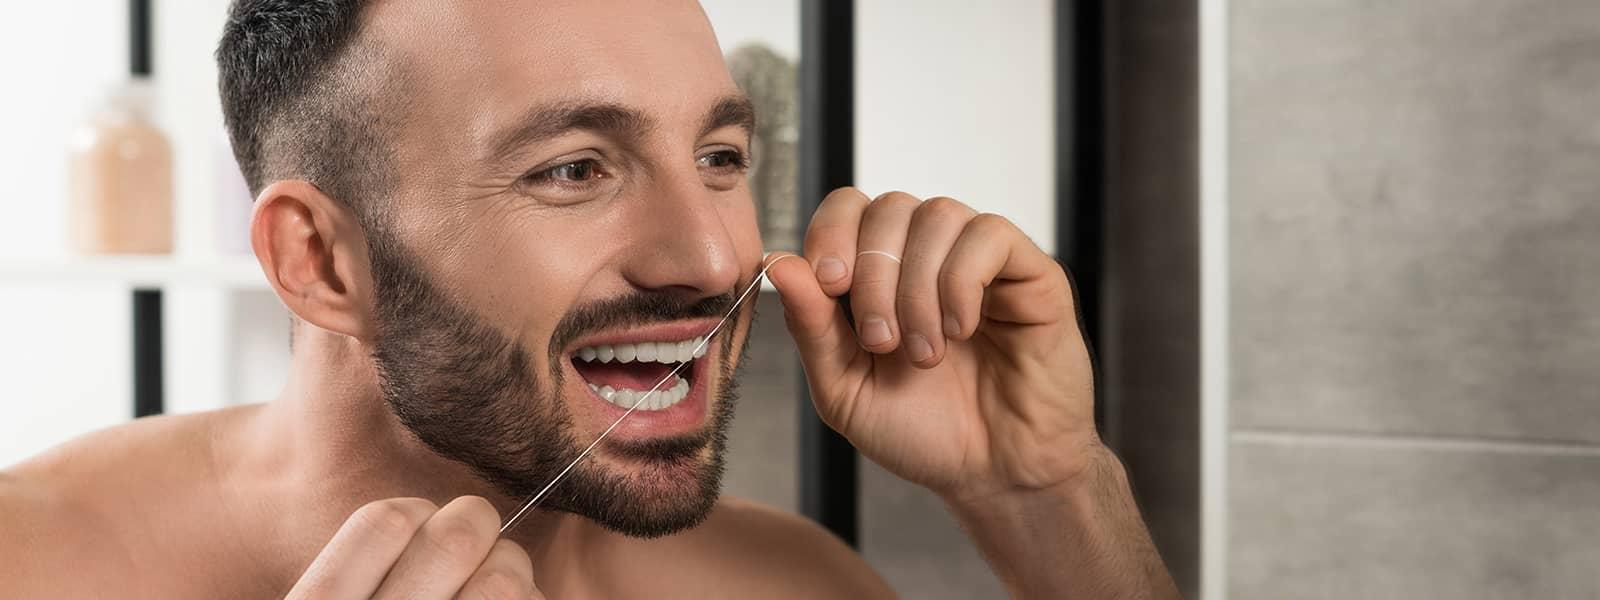 É mesmo necessário utilizar fio dentário?